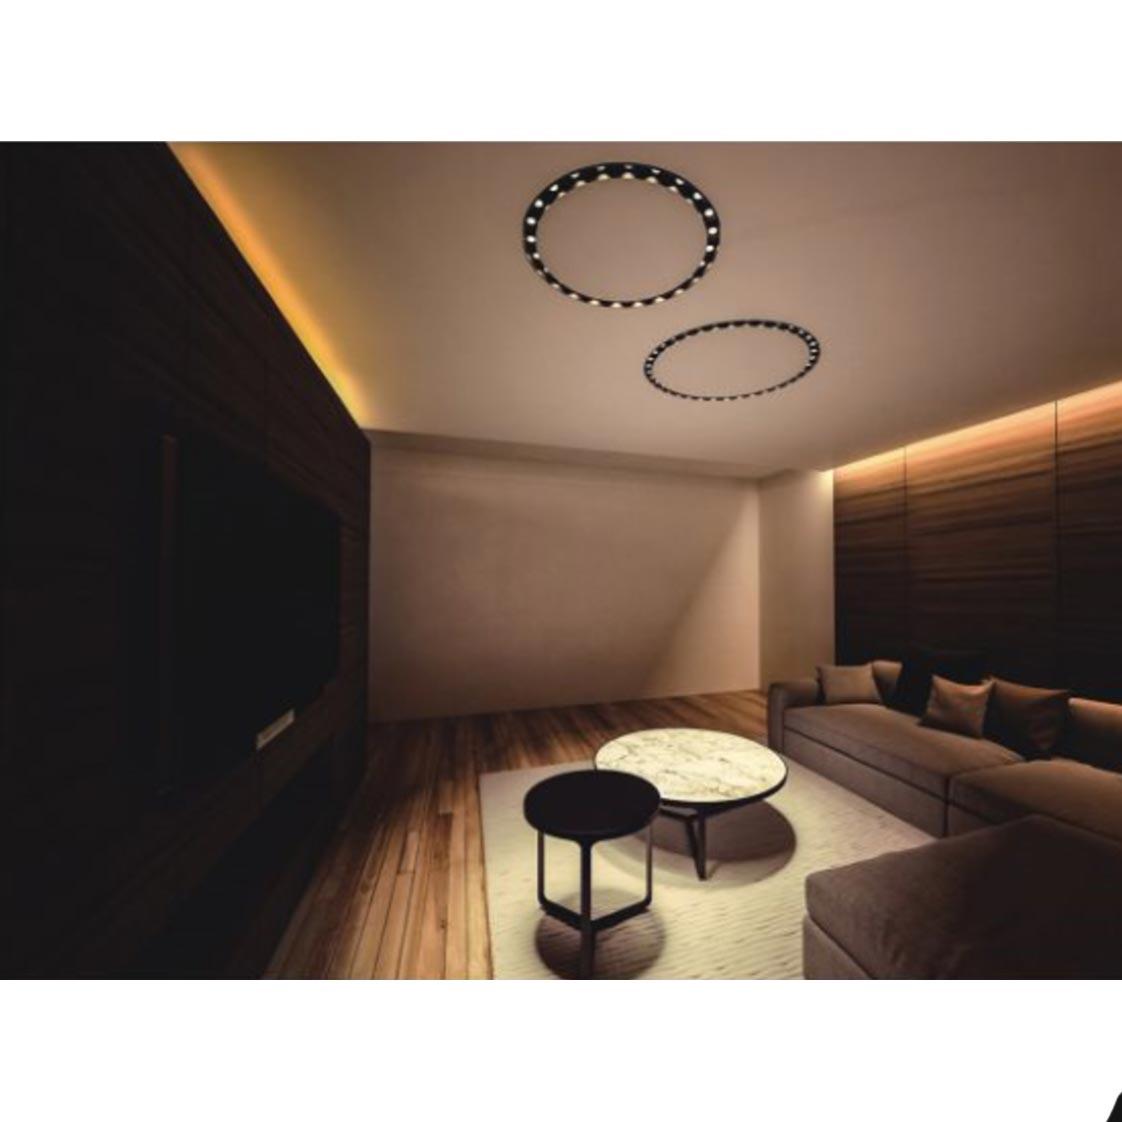 Built in lighting fixture in a living room